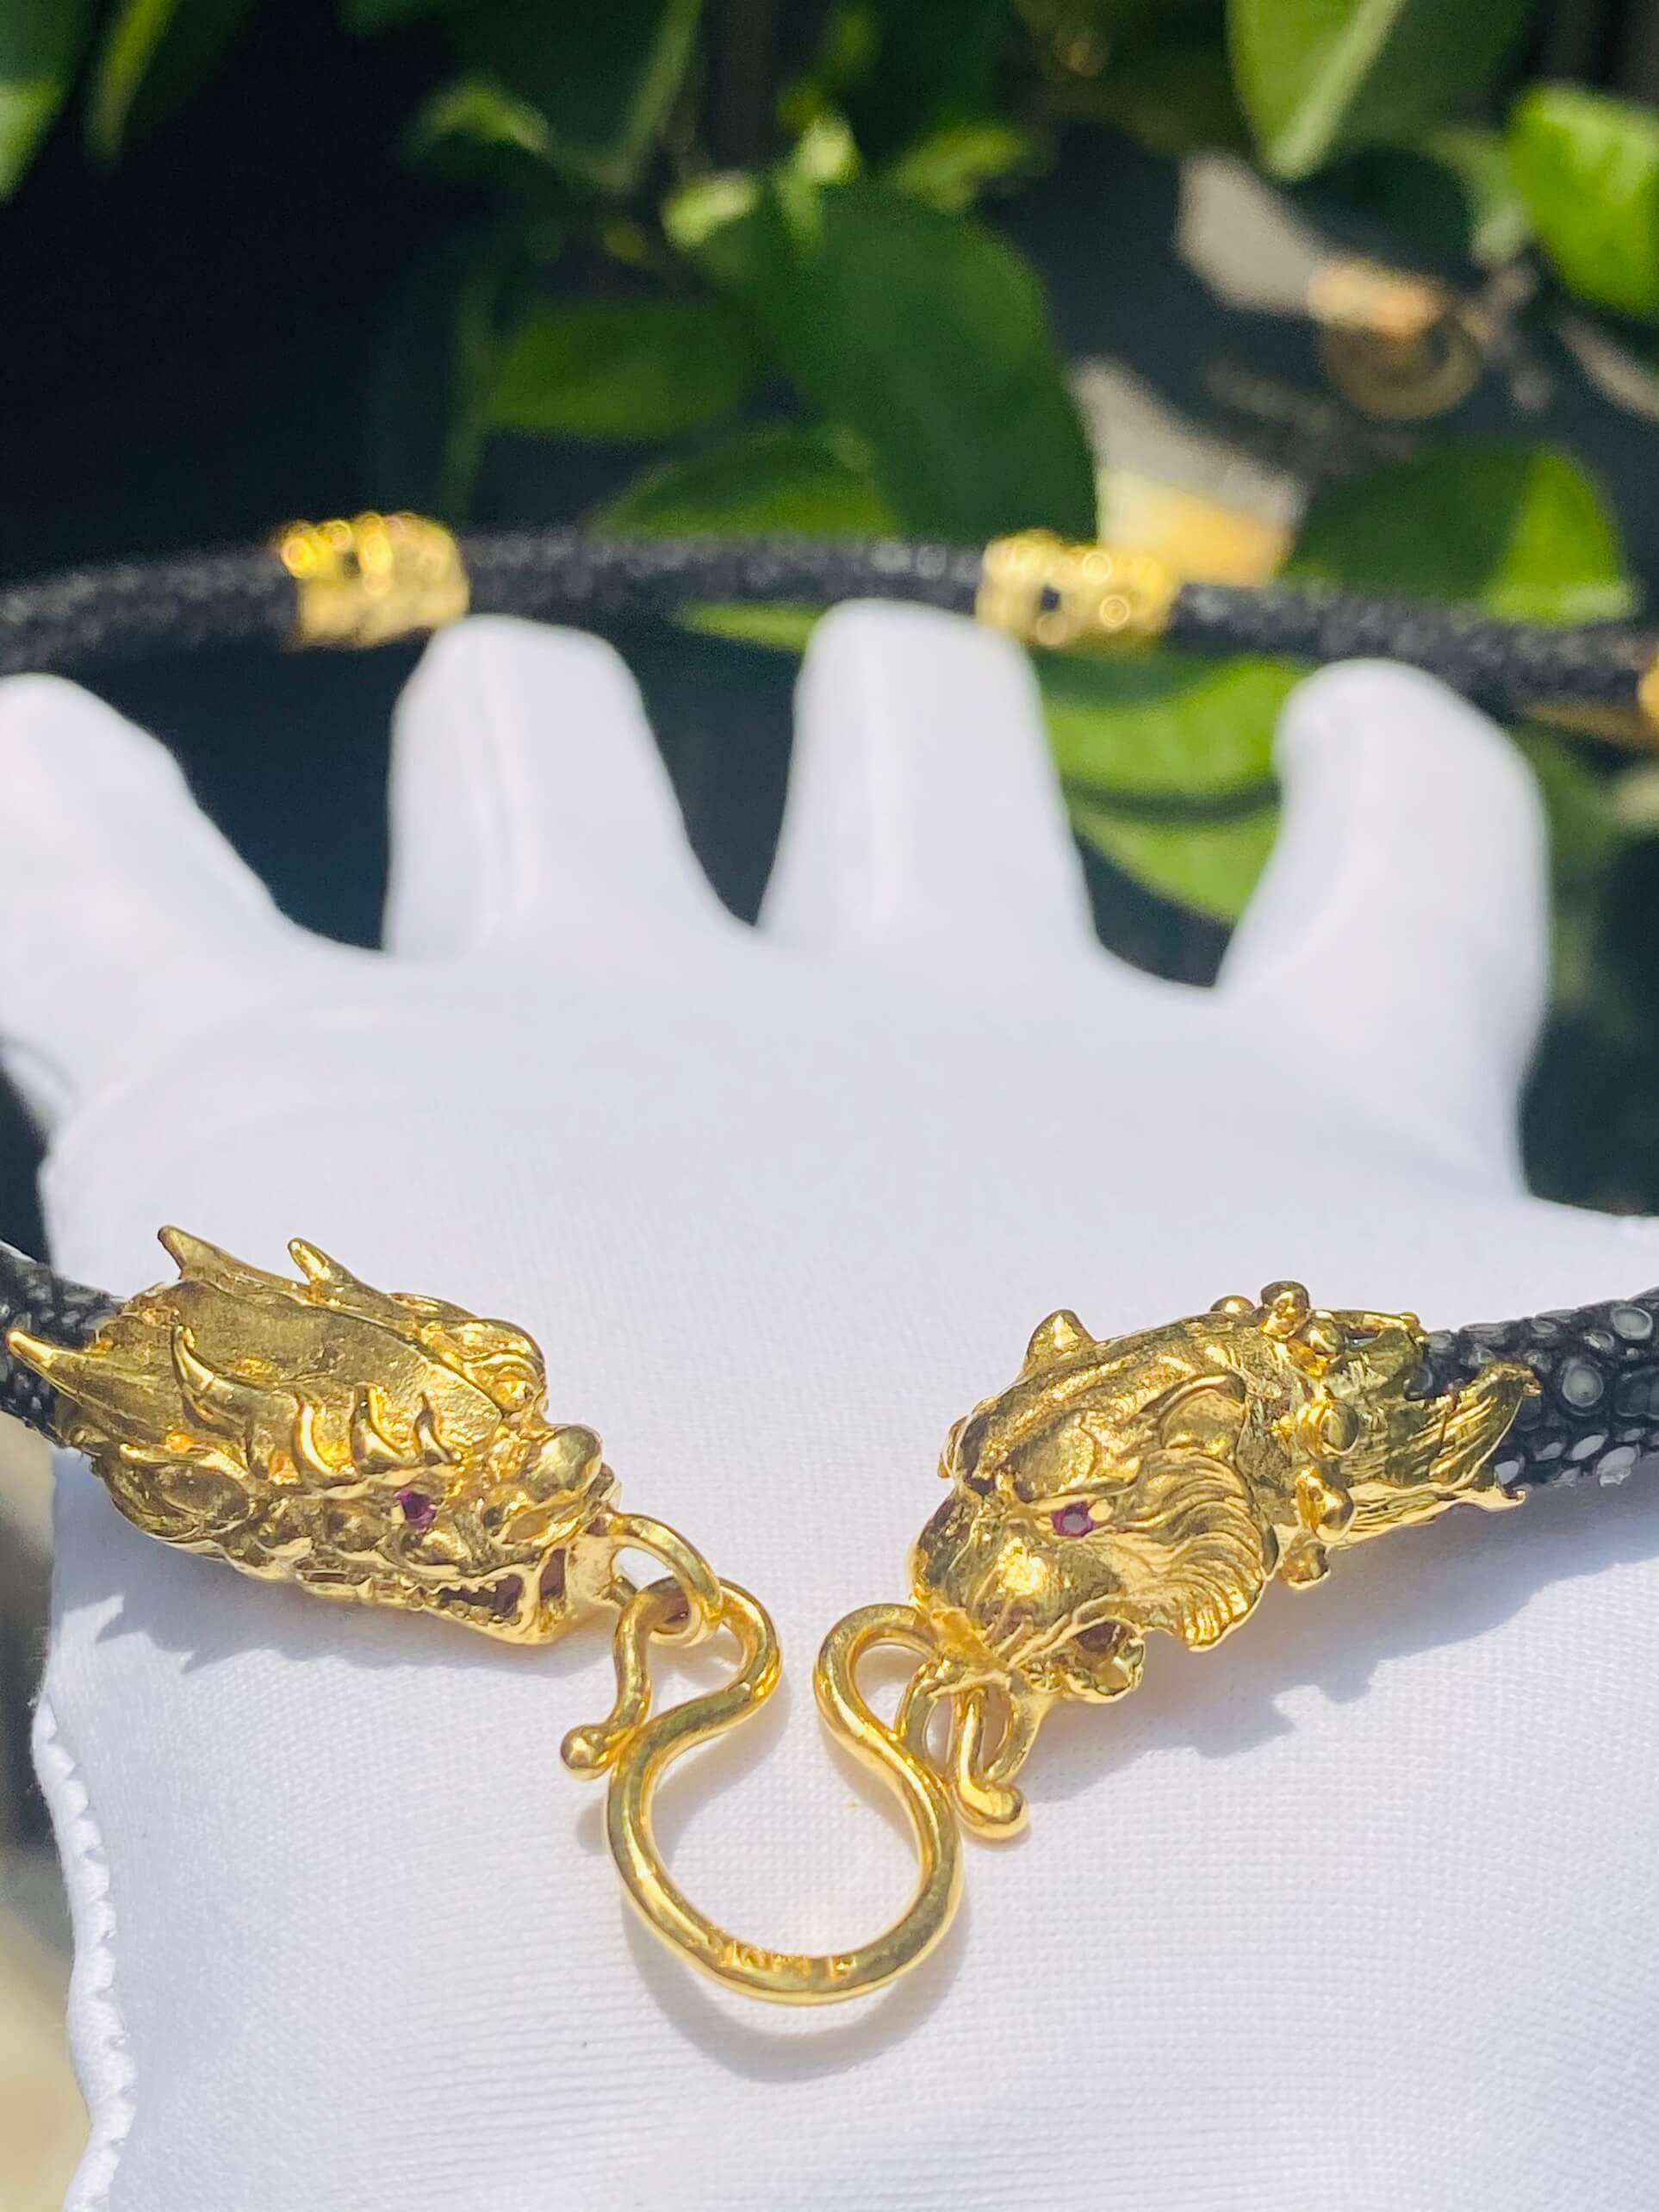 Dây chuyền da cá đuối 6.8li Rồng - Cọp vàng Riogems đem đến thành công, phú quý cho mọi nhà